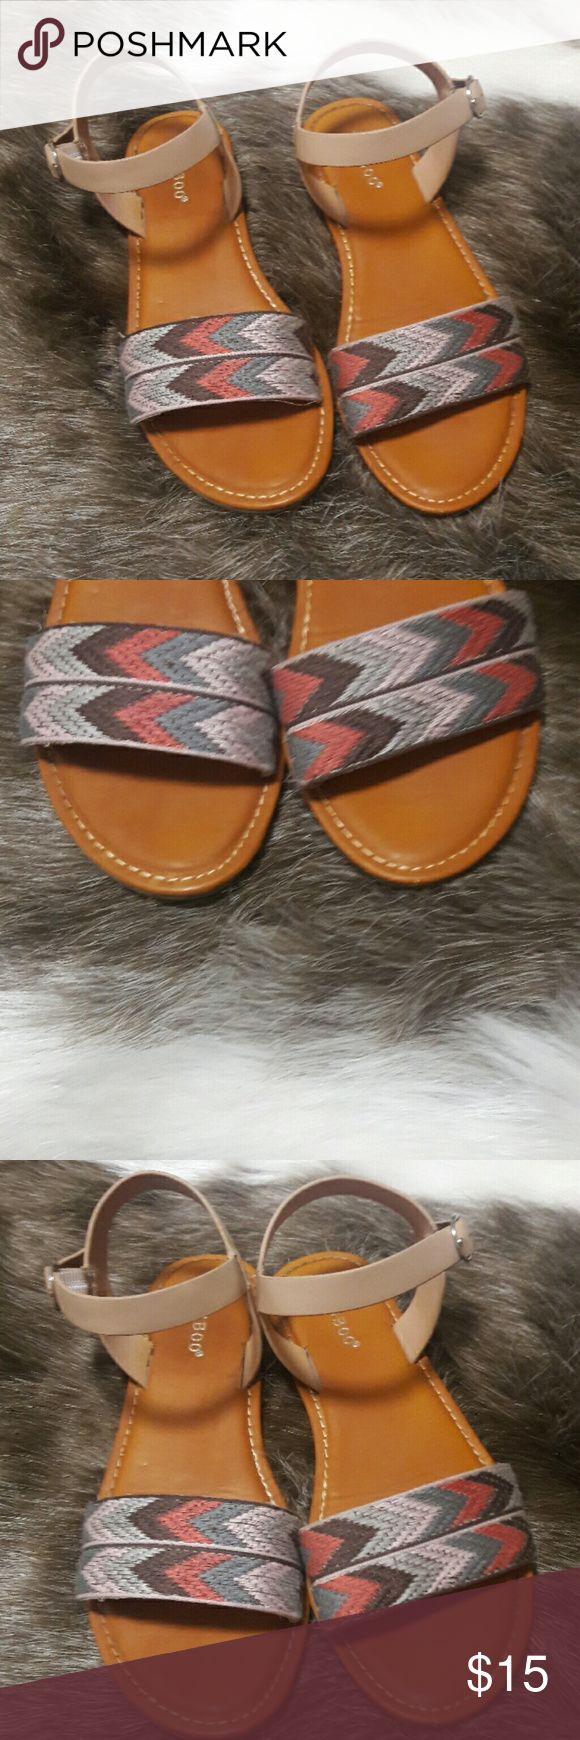 Aztec Flats Aztec Sandals Shoes Sandals